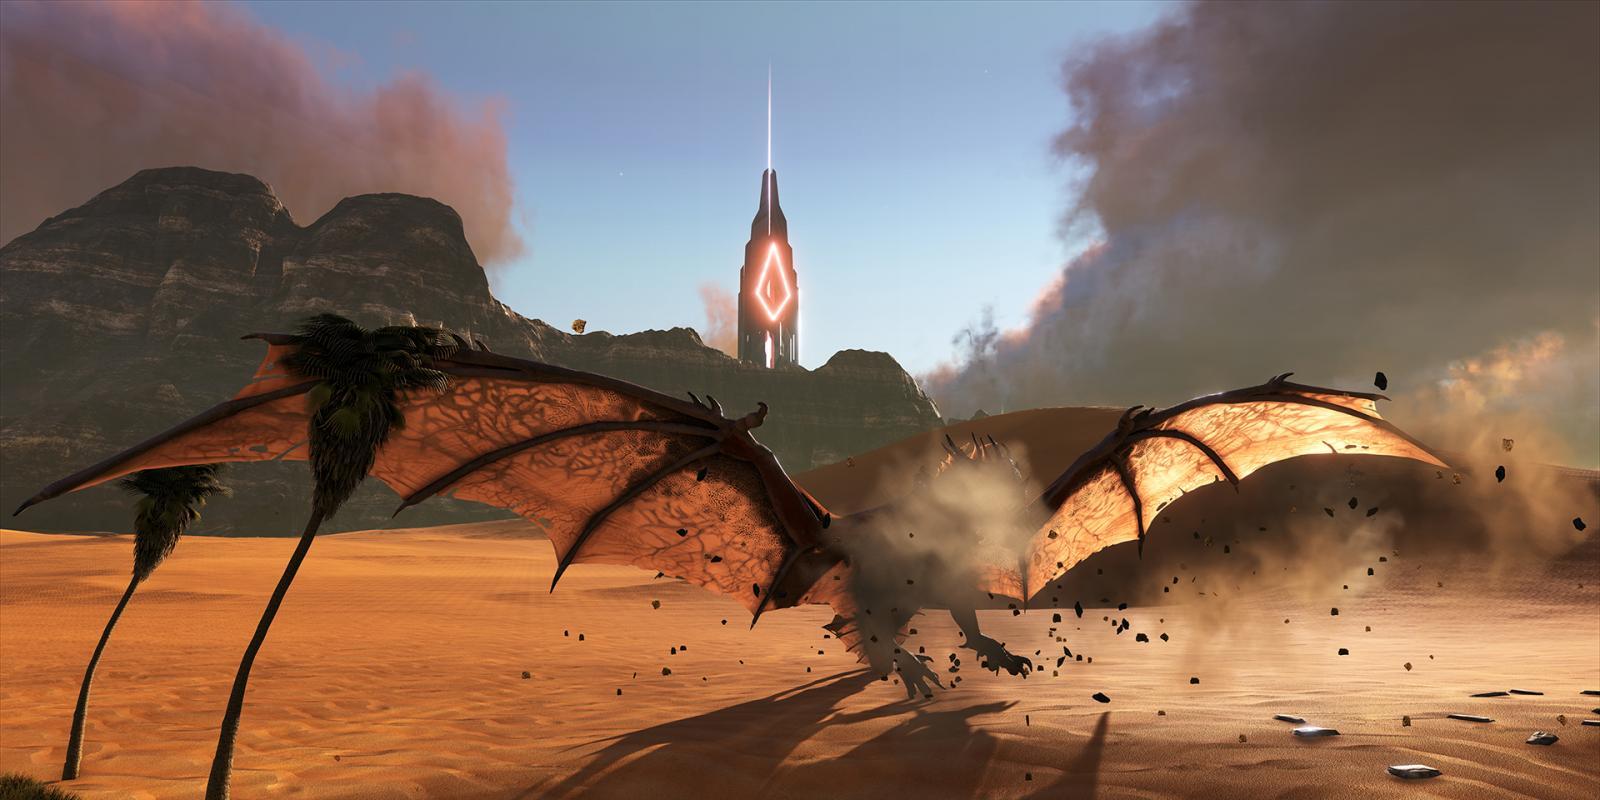 Vakarian - take on in the dunes - Super Resolution.jpg